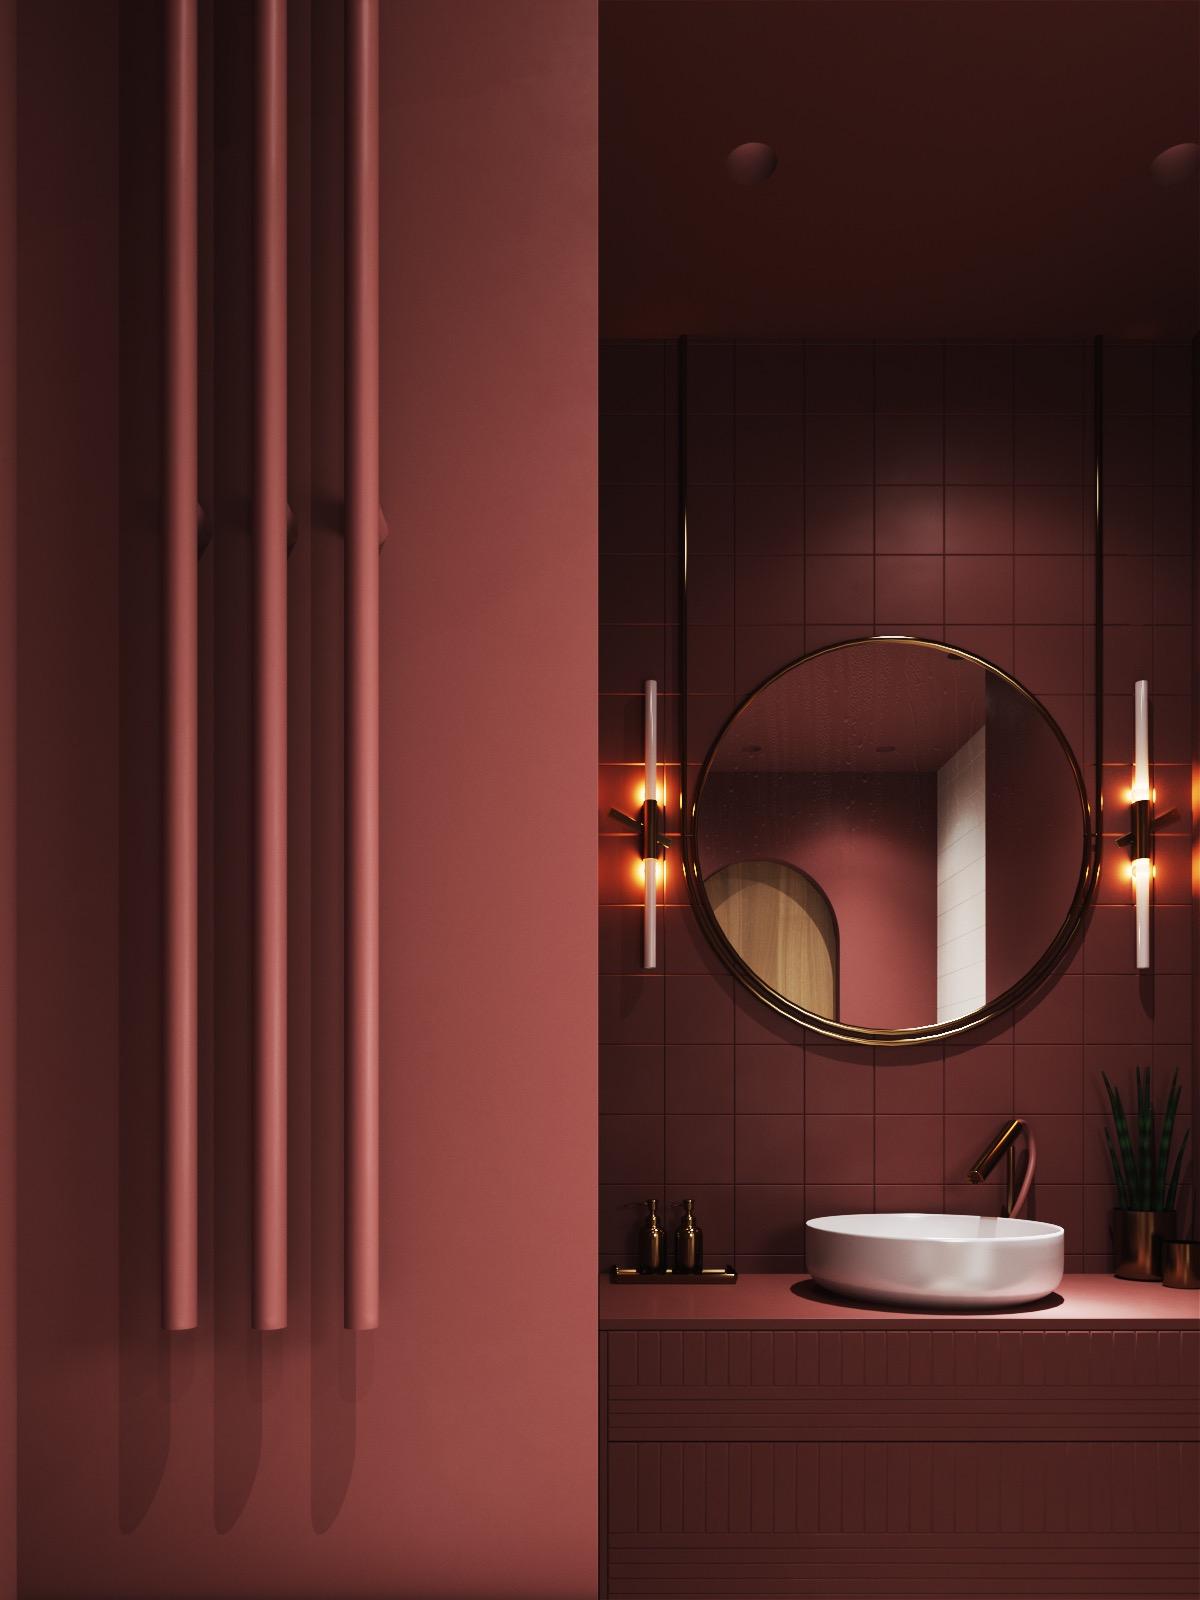 Burgundy-red-bathroom-scheme